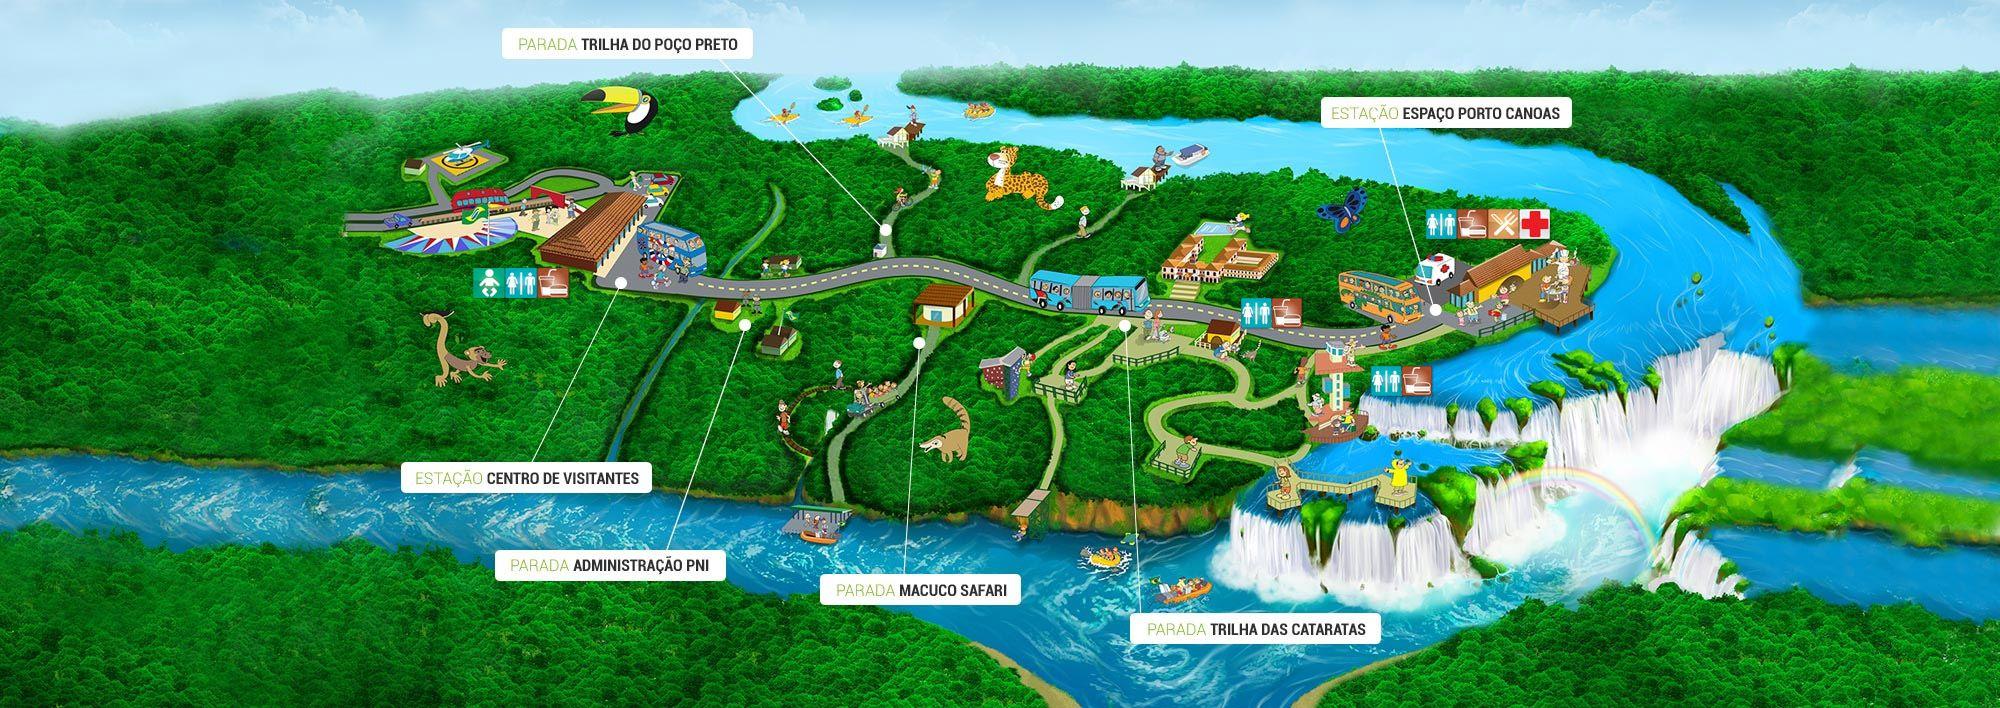 Cataratas do Iguau Cataratas do Iguau SA Mapa Meus Pins